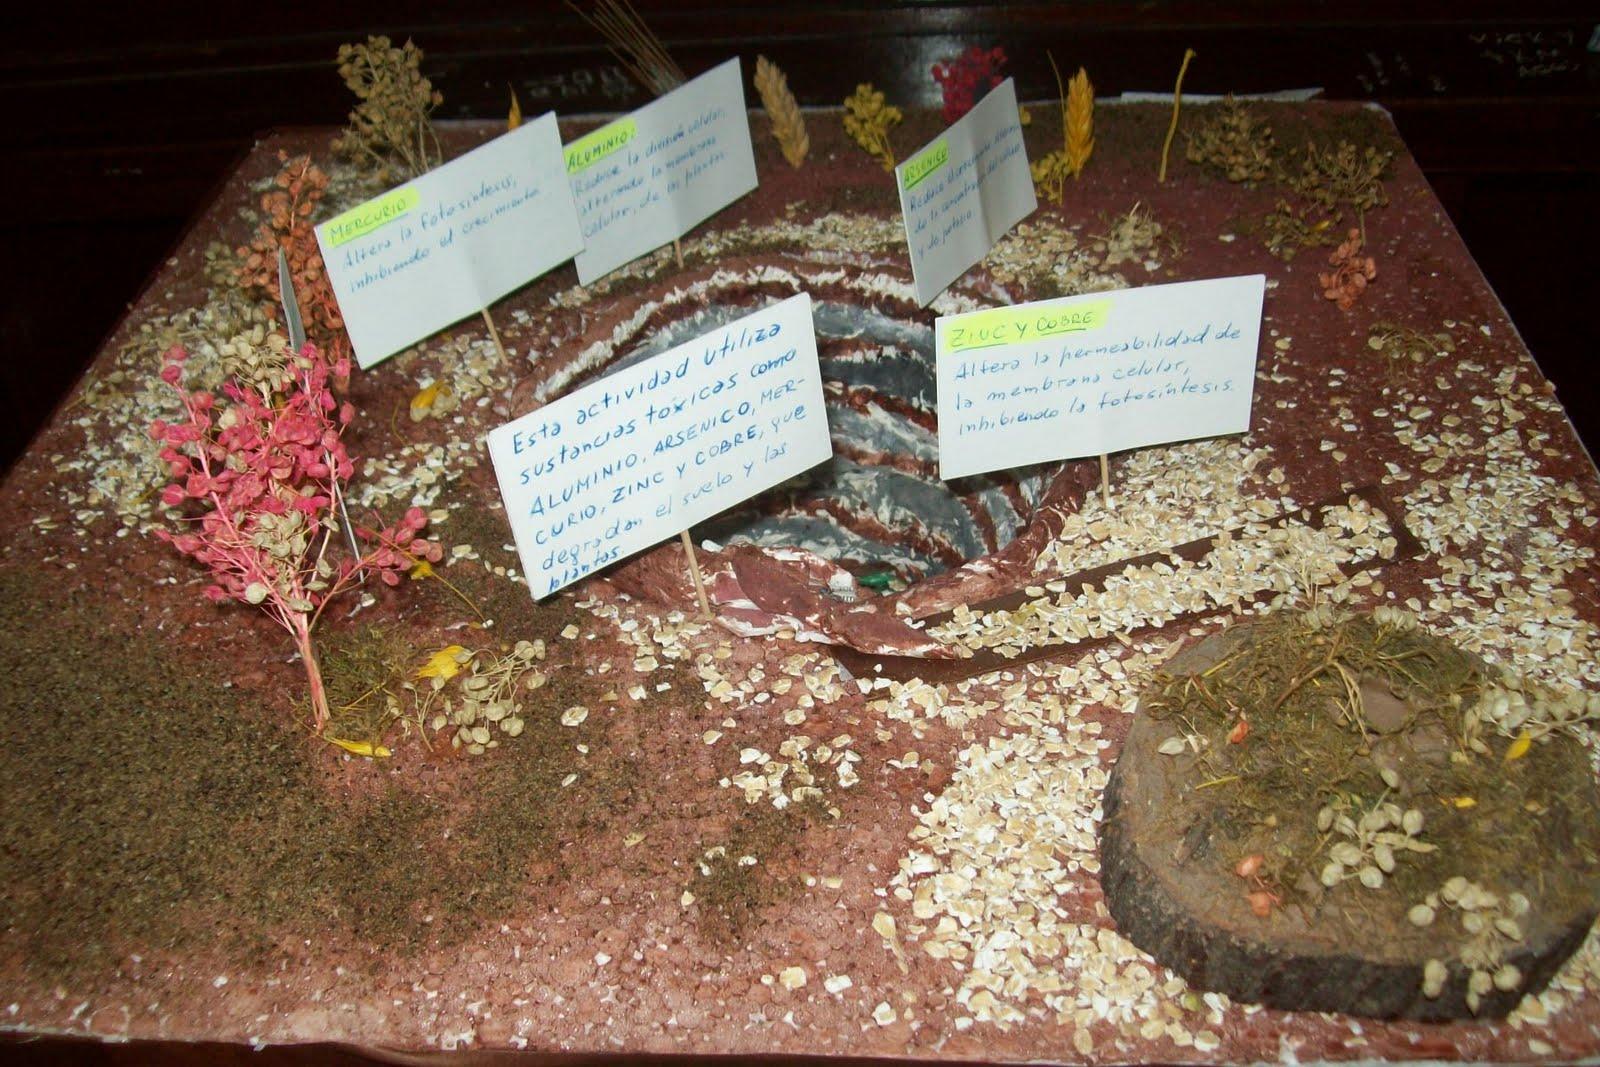 La maqueta esta hecha con varias plantitas para decorar, con avena, la